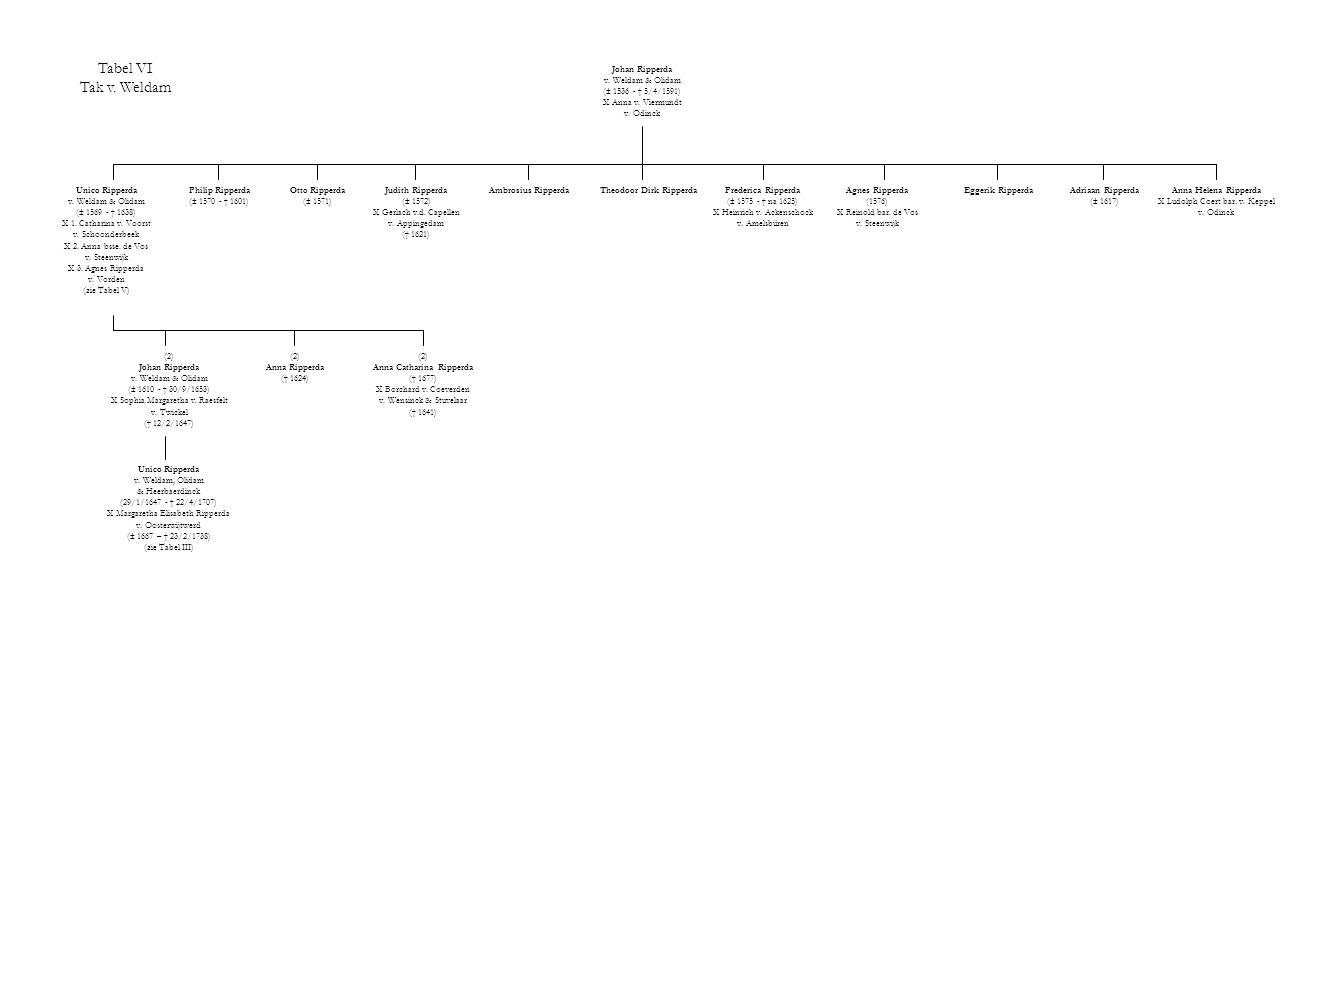 Tabel VI Tak v. Weldam Johan Ripperda v. Weldam & Olidam (± 1536 - † 5/4/1591) X Anna v. Viermundt v. Odinck Unico Ripperda v. Weldam & Olidam (± 1569